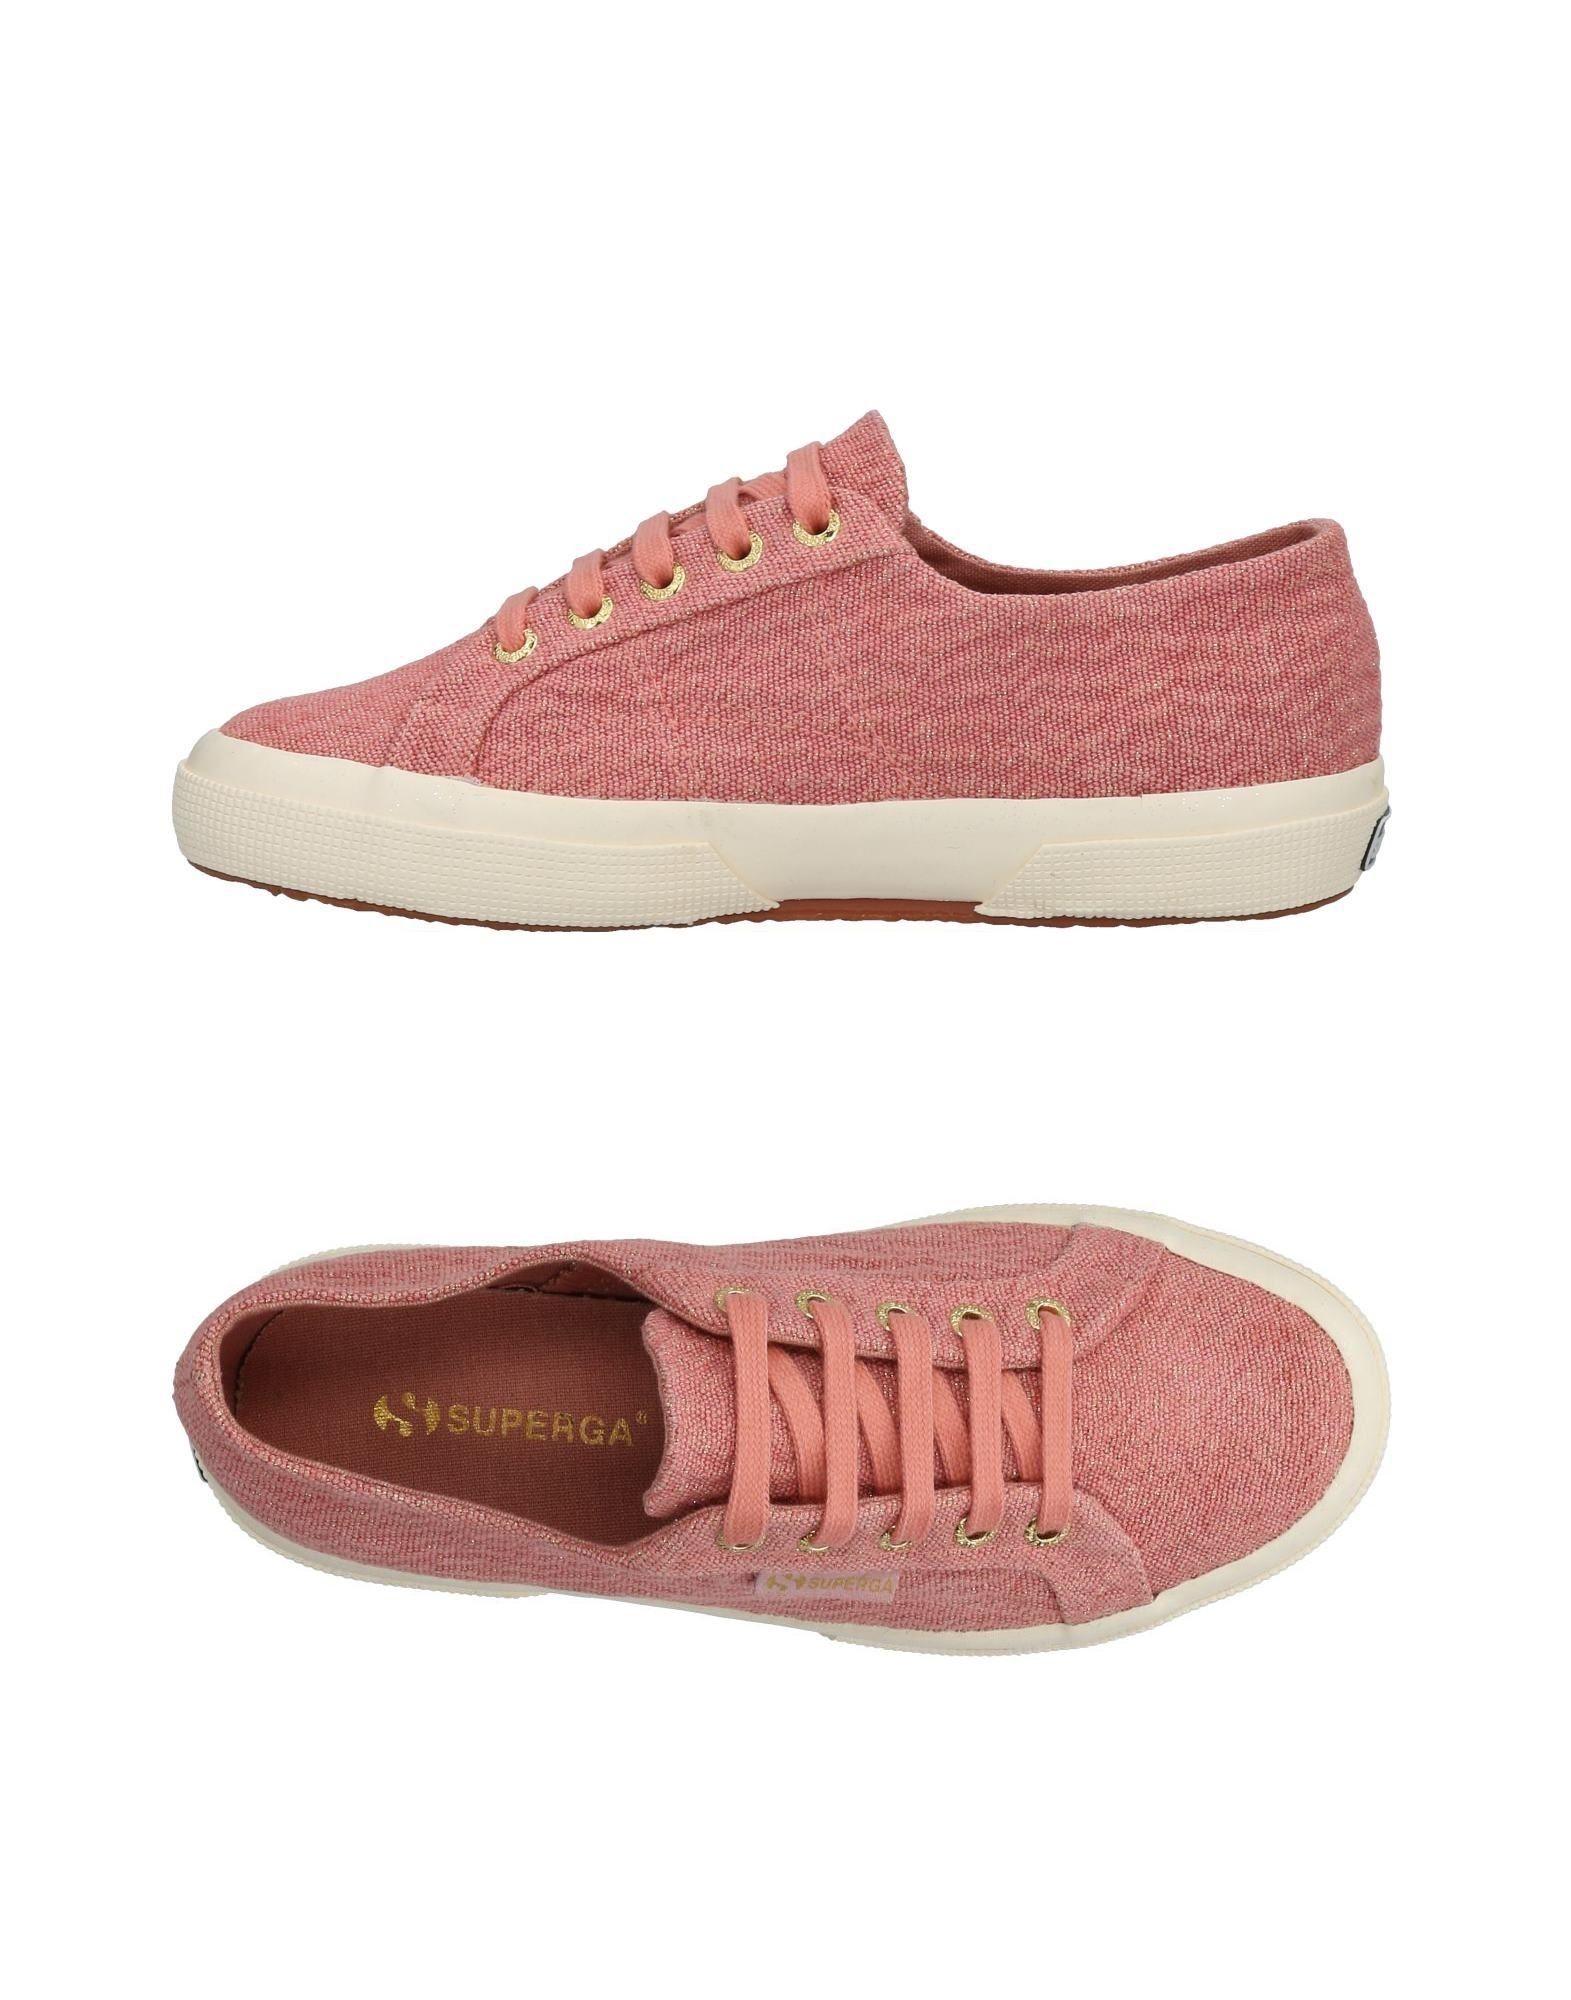 Günstige und modische Schuhe Superga® Sneakers Damen  11486704HH